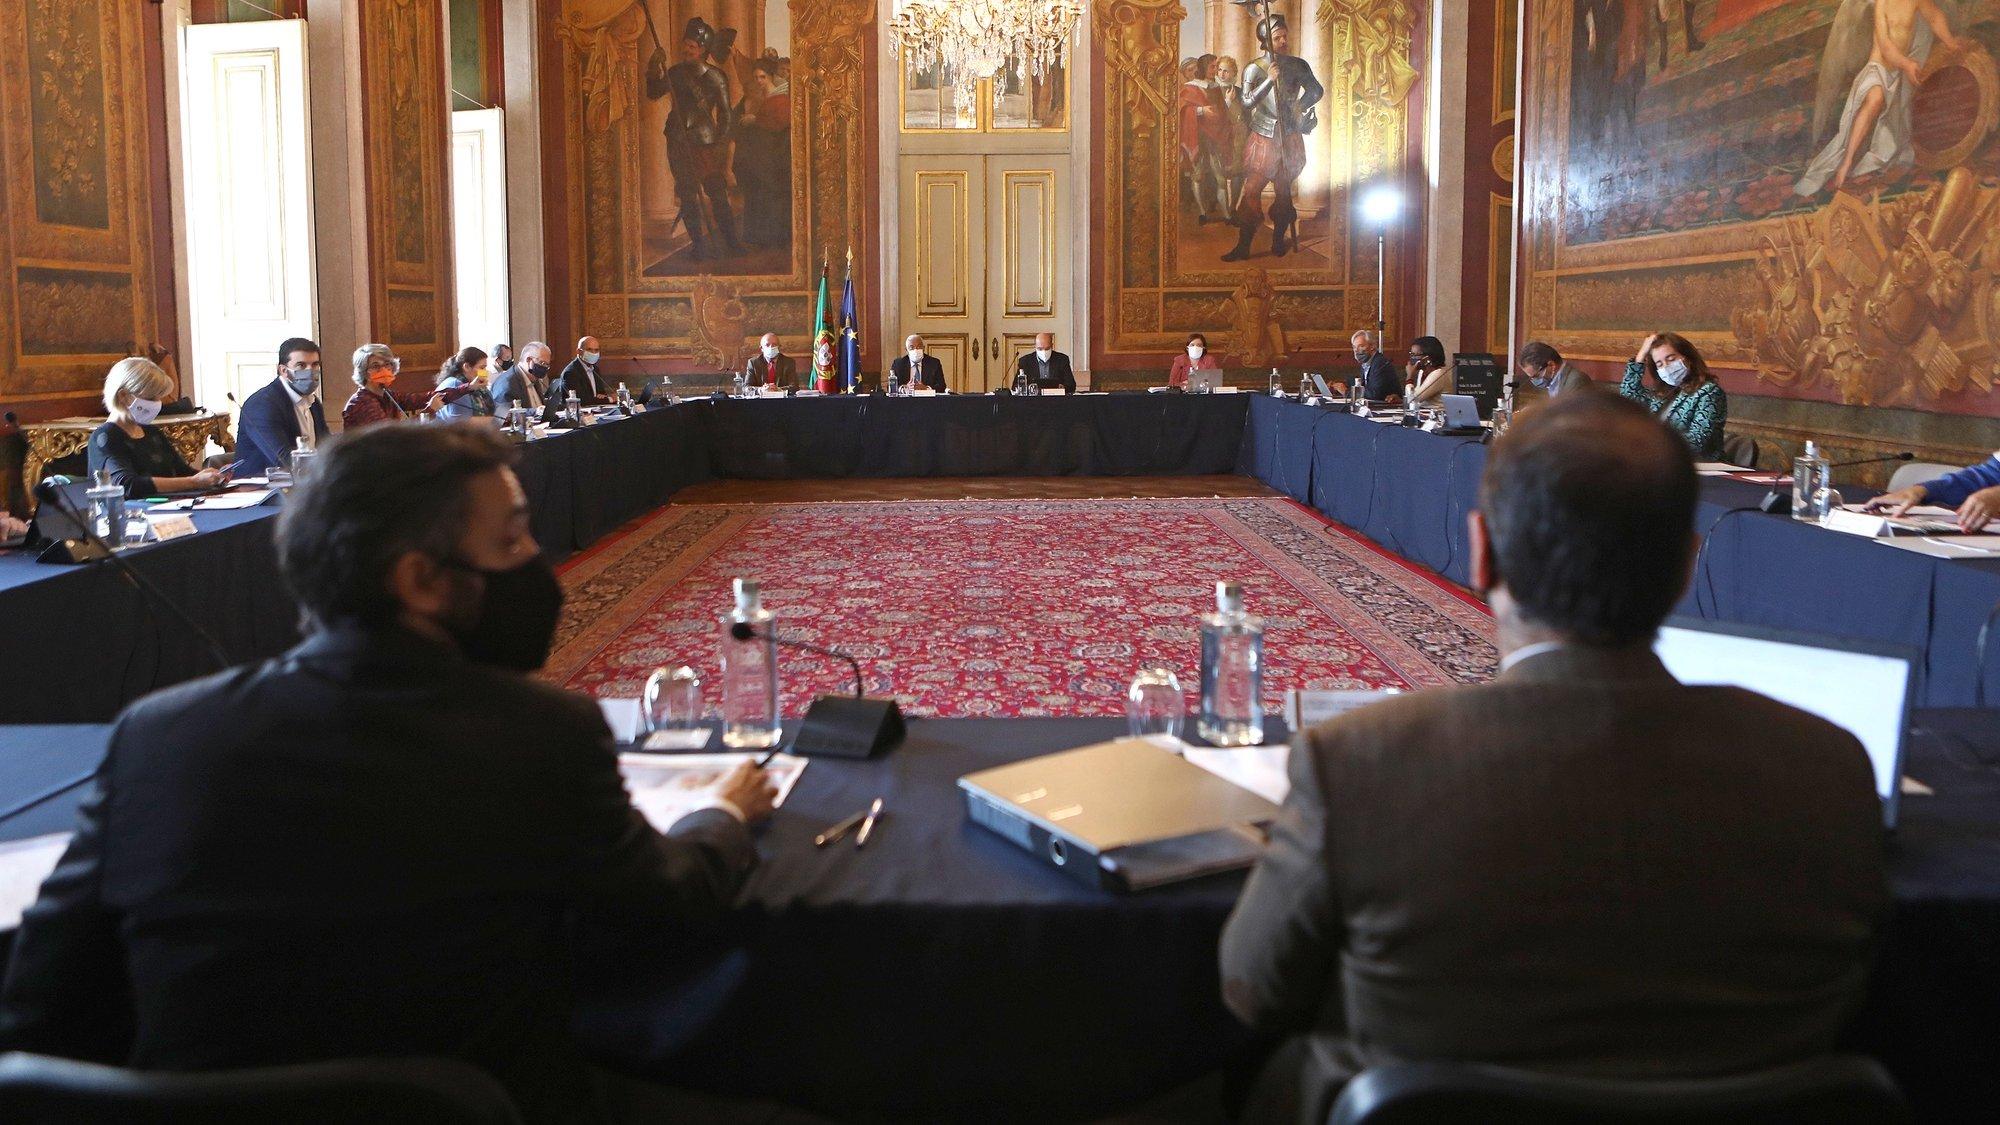 O primeiro-ministro António Costa (C), durante a reunião extraordinária do Conselho de Ministros, para definir medidas de controle da pandemia, no Palácio da Ajuda, em Lisboa, 31 de outubro de 2020. ANTÓNIO PEDRO SANTOS/LUSA